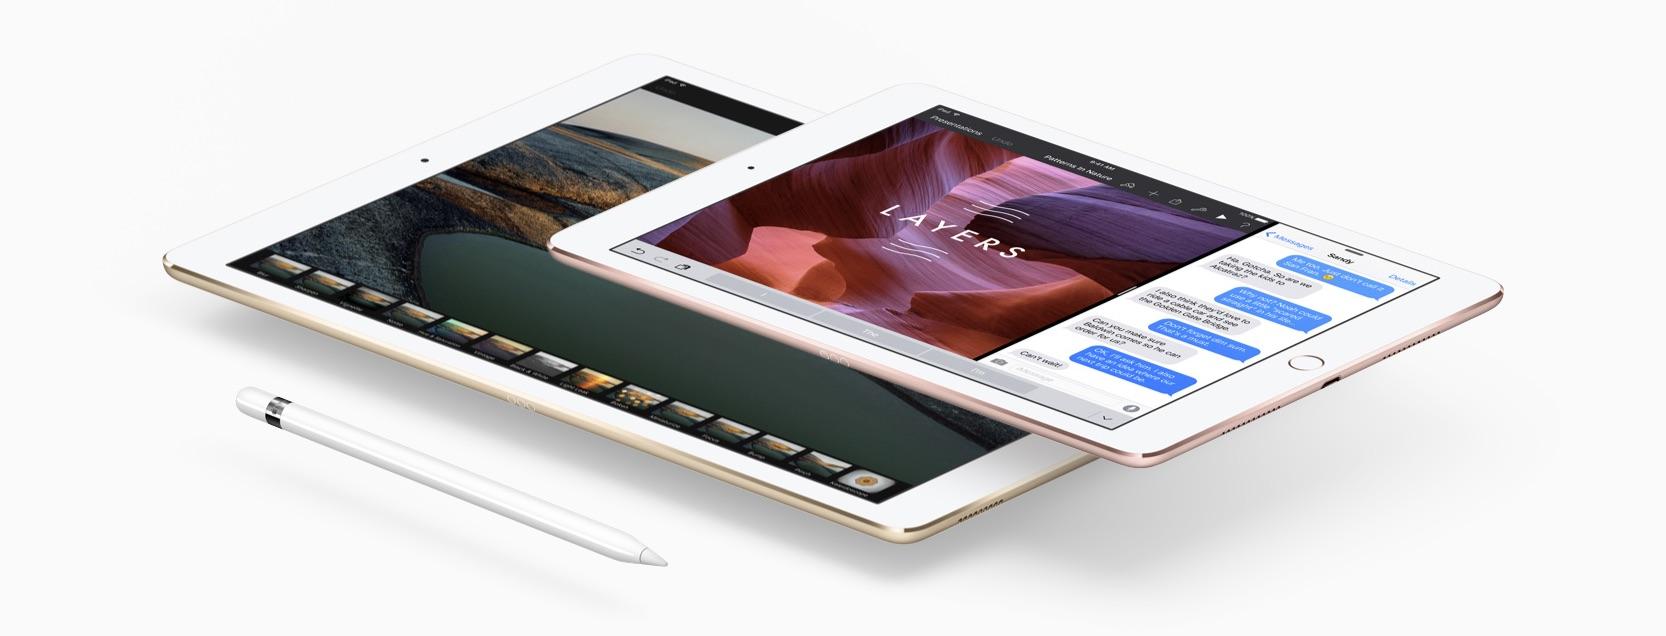 Skąd premiery iPhone'a SE i mniejszego iPada Pro? Przedstawiciele Apple'a wyjaśnili to między wierszami